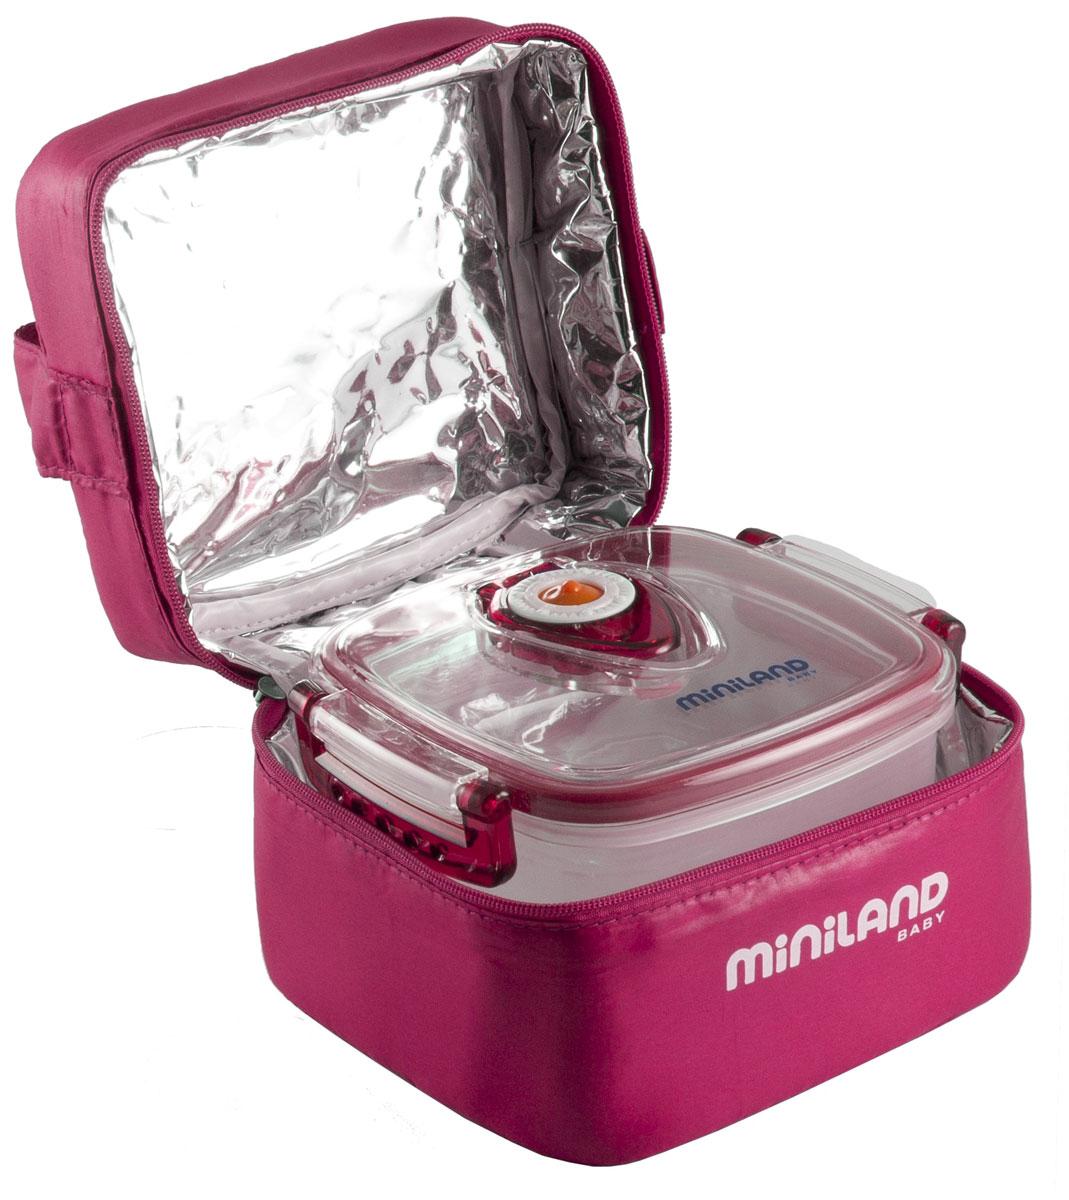 """Термосумка Miniland """"Pack-2-Go Hermifresh"""" позволит покормить ребенка вне дома, что очень удобно во время поездок и путешествий. Она сохранит напитки или еду для ребенка определенной температуры. Благодаря внутреннему фольгированному слою сумка способна поддерживать как высокую, так и низкую температуру длительное время. В комплект с сумкой входят два герметичных пластиковых контейнера, которые отлично подойдут для хранения детского питания, пюре и каш. Они снабжены системой вытяжки воздуха с помощью воздушного клапана, а также устройством для проставления даты. Не содержат Бисфенол А."""